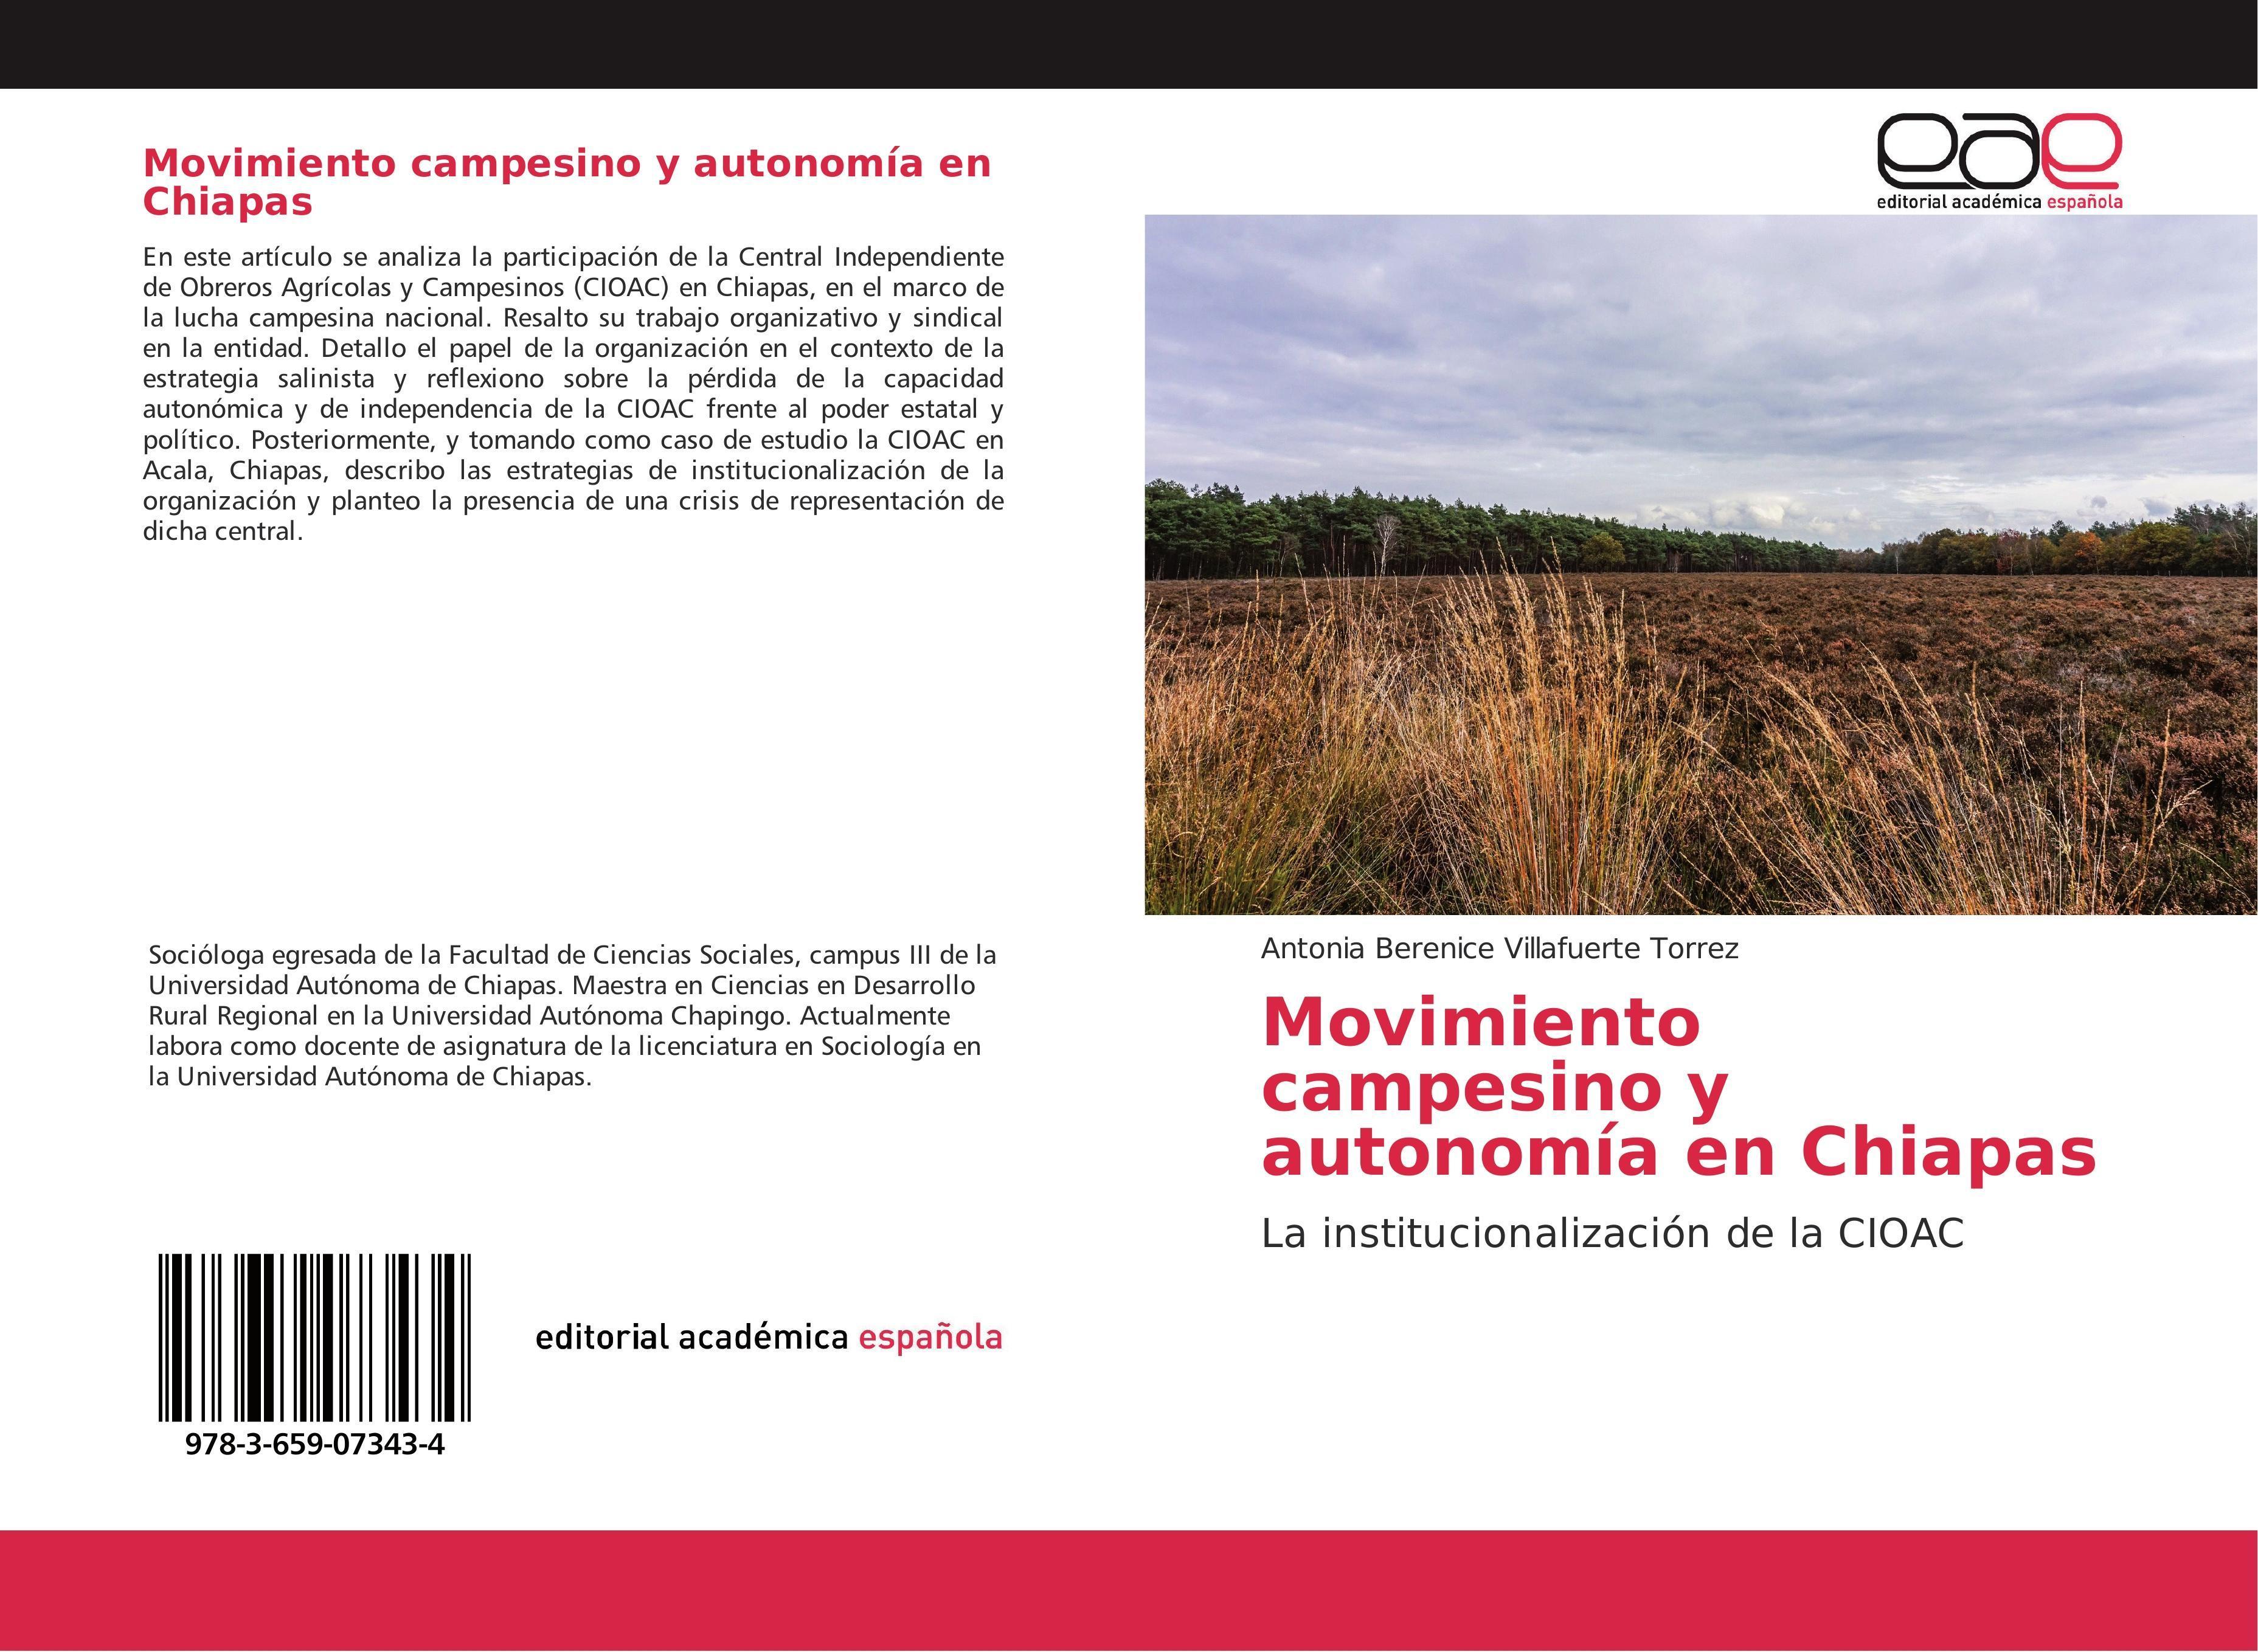 Movimiento campesino y autonomía en Chiapas - Antonia Bereni ... 9783659073434